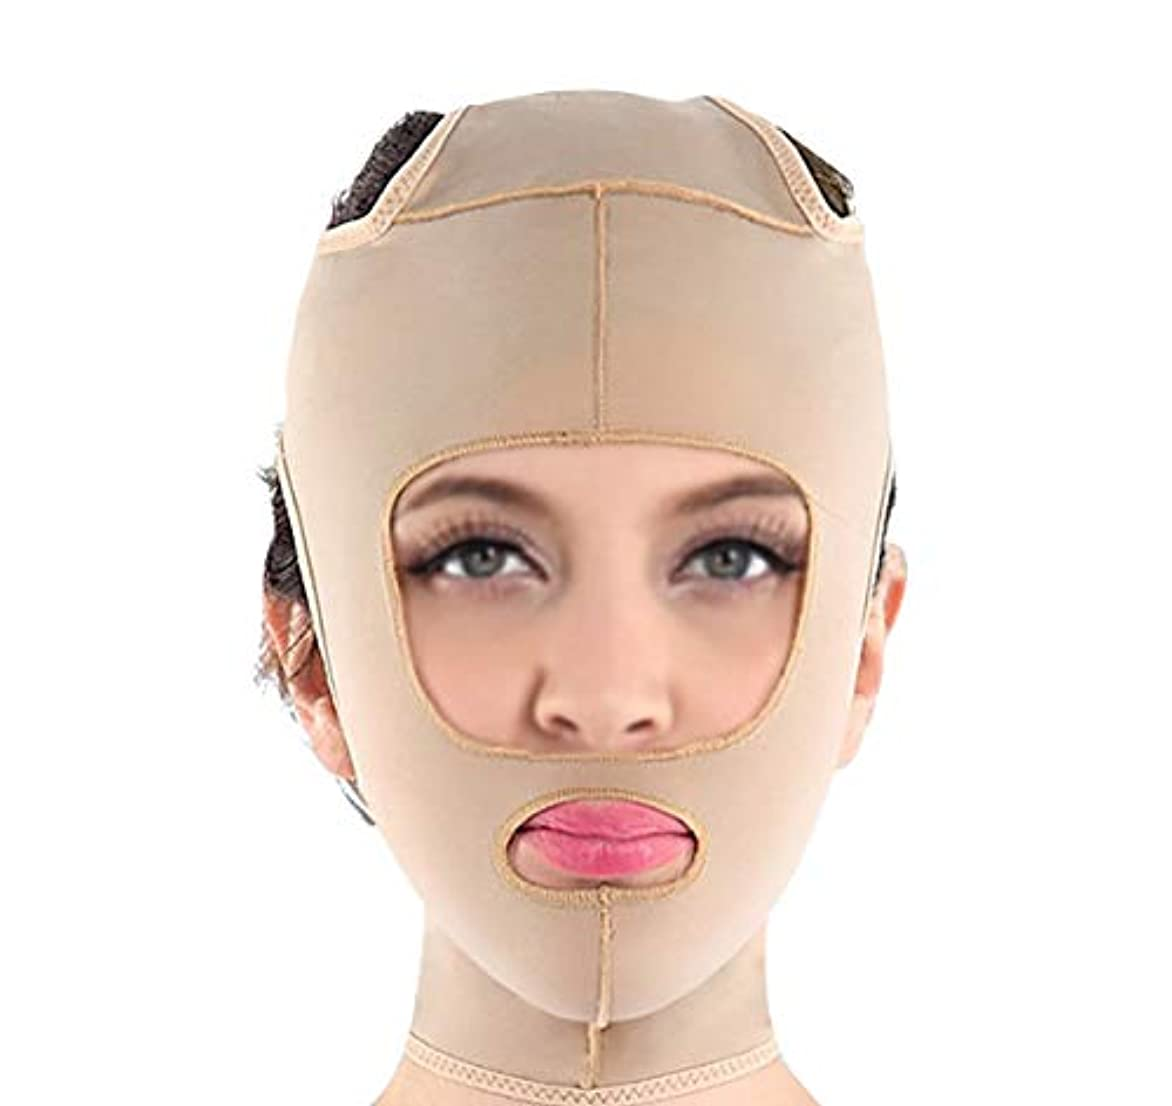 開梱あざ未就学XHLMRMJ 顔に肌をより堅く保つためのフェイスリフティングマスク、V字型の顔の形、超薄型の通気性、調節可能で快適な着用 (Size : L)